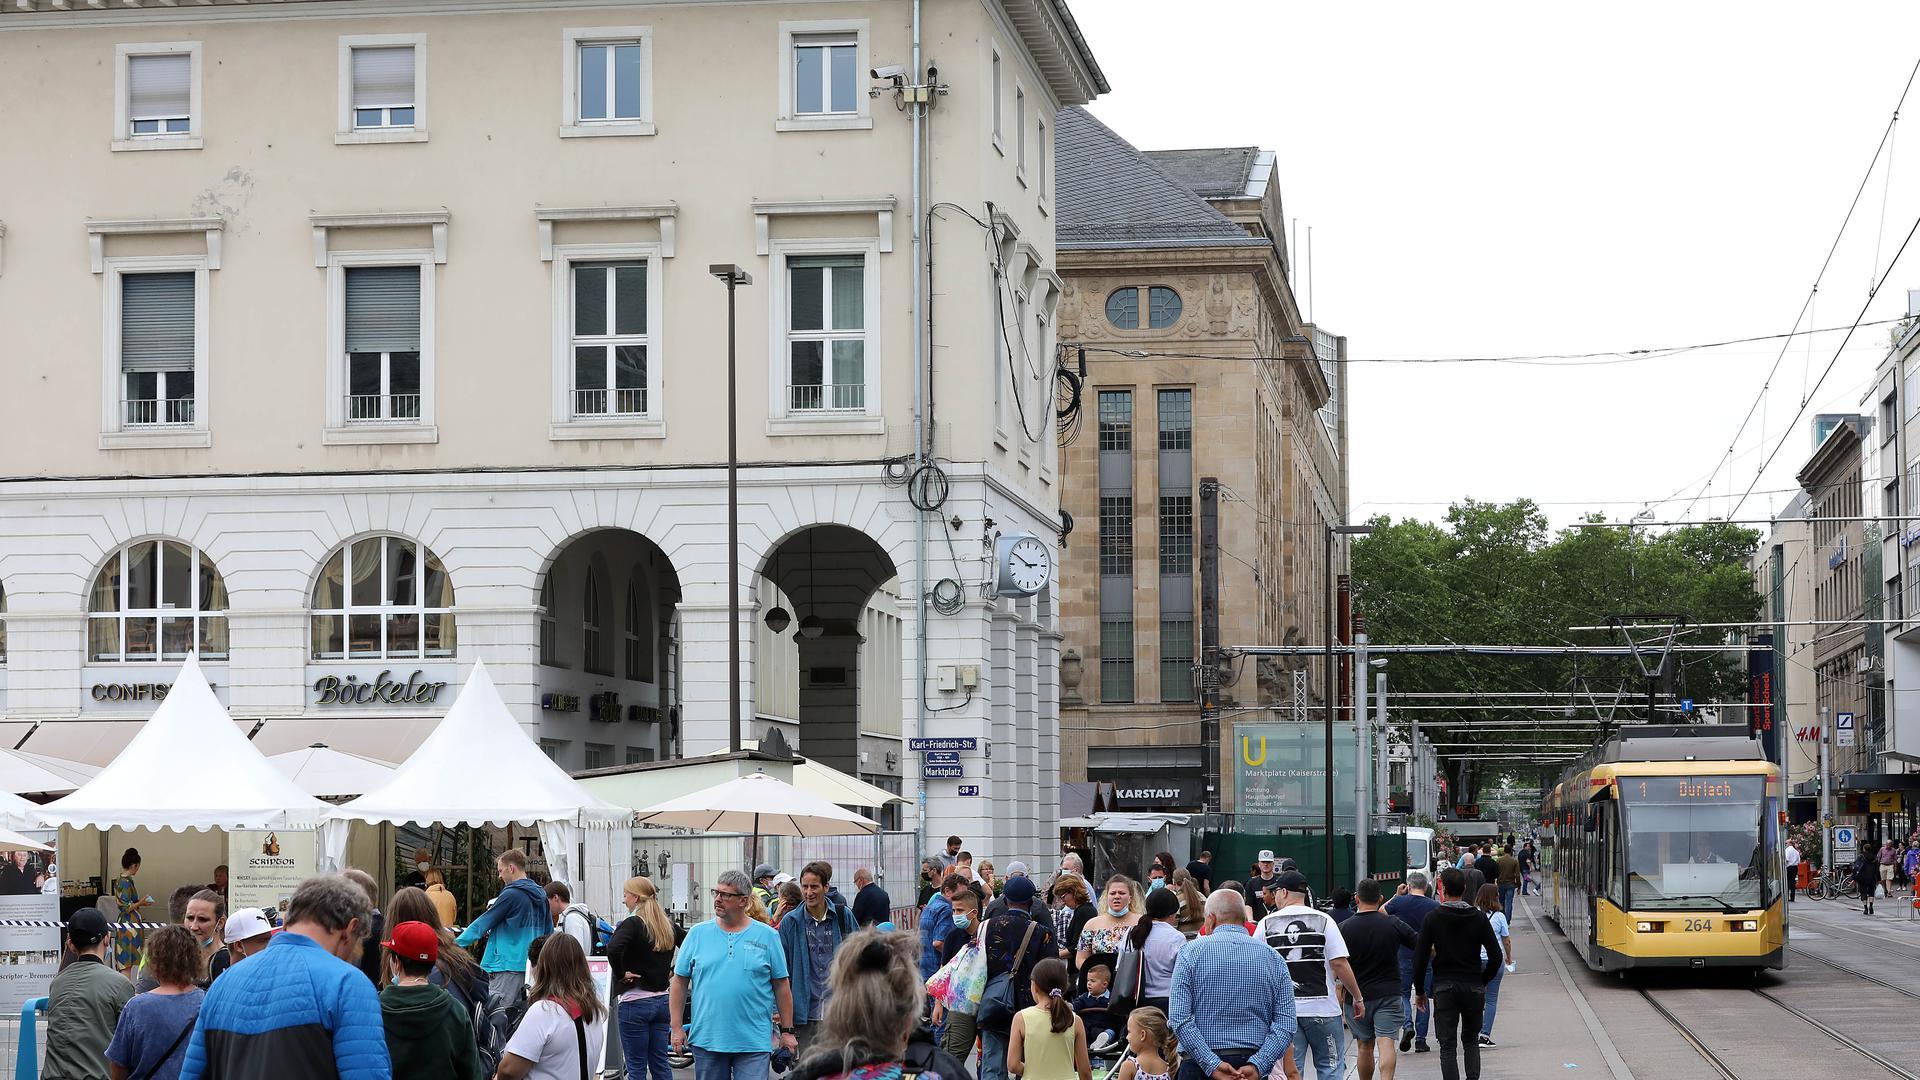 © Jodo-Foto /  Joerg  Donecker// 4.07.2021 Verkaufsoffener Sonntag in  der Karlsruher-Innenstadt,                 -Copyright - Jodo-Foto /  Joerg  Donecker Sonnenbergstr.4  D-76228 KARLSRUHE TEL:  0049 (0) 721-9473285 FAX:  0049 (0) 721 4903368  Mobil: 0049 (0) 172 7238737 E-Mail:  joerg.donecker@t-online.de Sparkasse Karlsruhe  IBAN: DE12 6605 0101 0010 0395 50, BIC: KARSDE66XX Steuernummer 34140/28360 Veroeffentlichung nur gegen Honorar nach MFM zzgl. ges. Mwst.  , Belegexemplar und Namensnennung. Es gelten meine AGB.